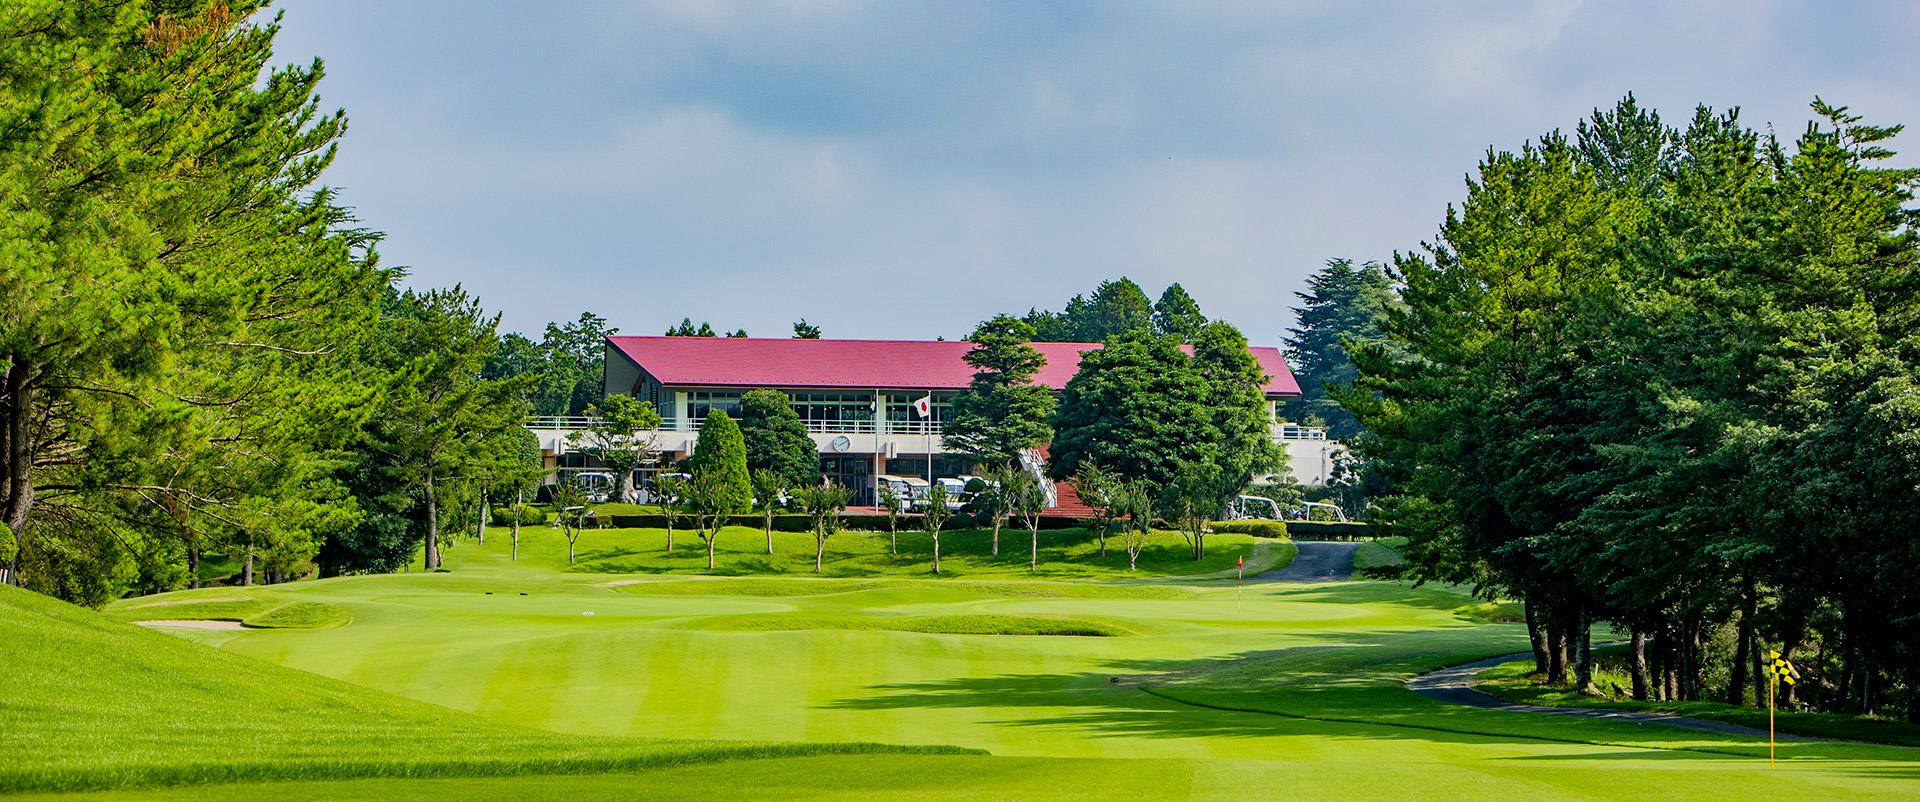 富士 市原 ゴルフ クラブ 天気